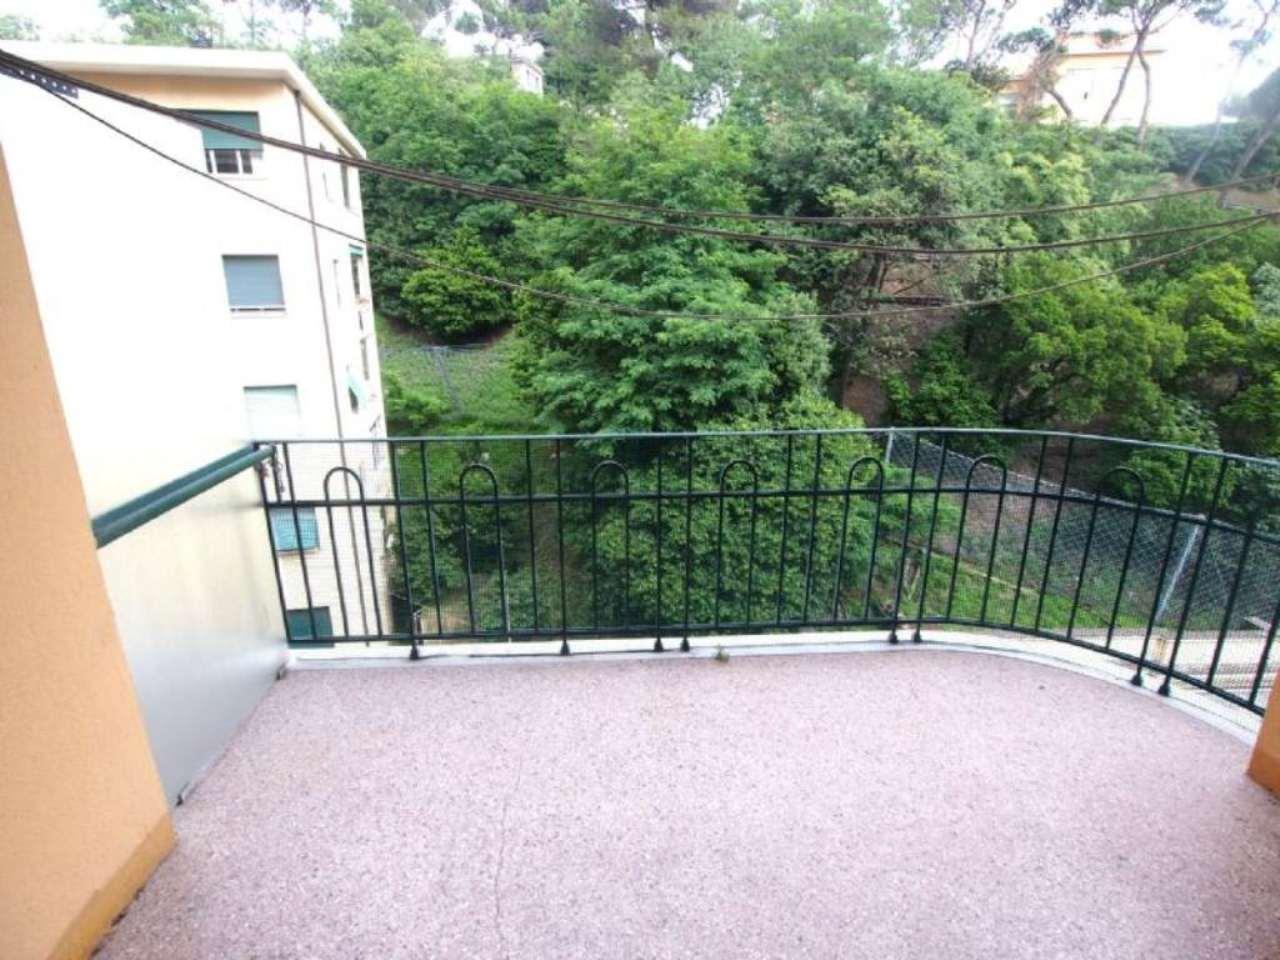 Appartamento in affitto a Genova, 5 locali, zona Zona: 4 . S.Fruttuoso-Borgoratti-S.Martino, prezzo € 500 | Cambio Casa.it